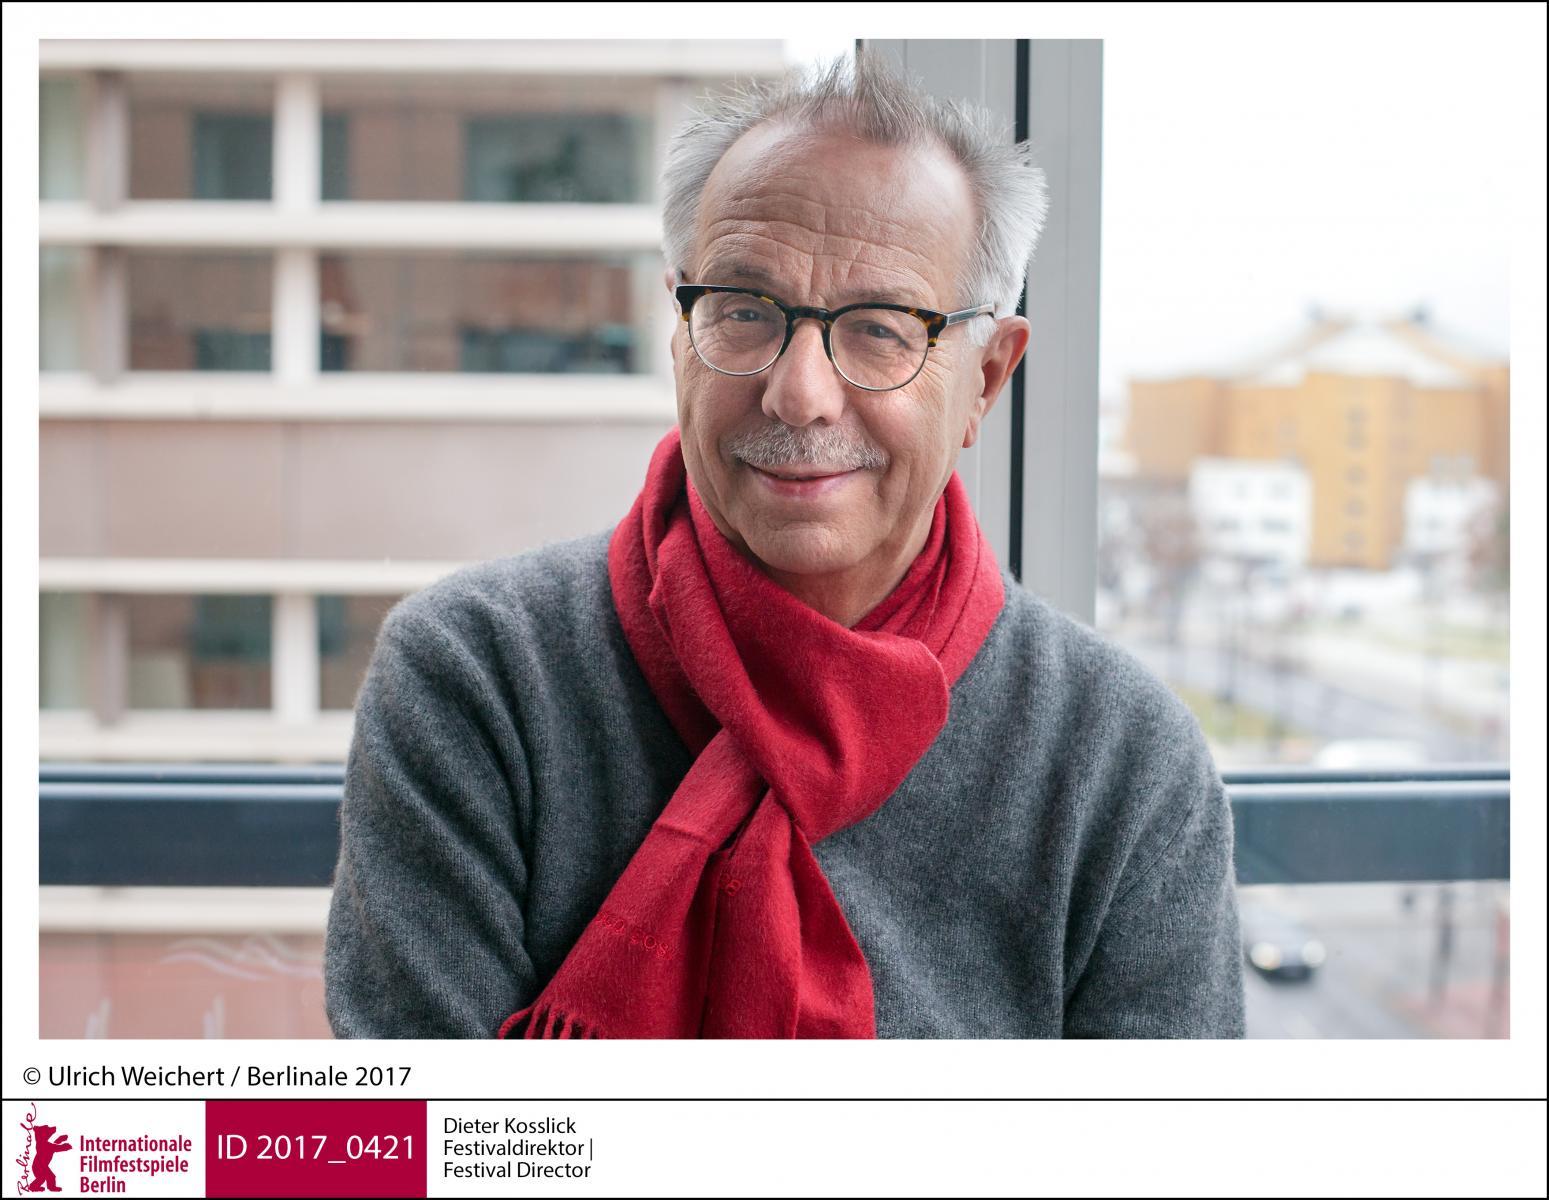 Lesung & Publikumsgespräch: Dieter Kosslick